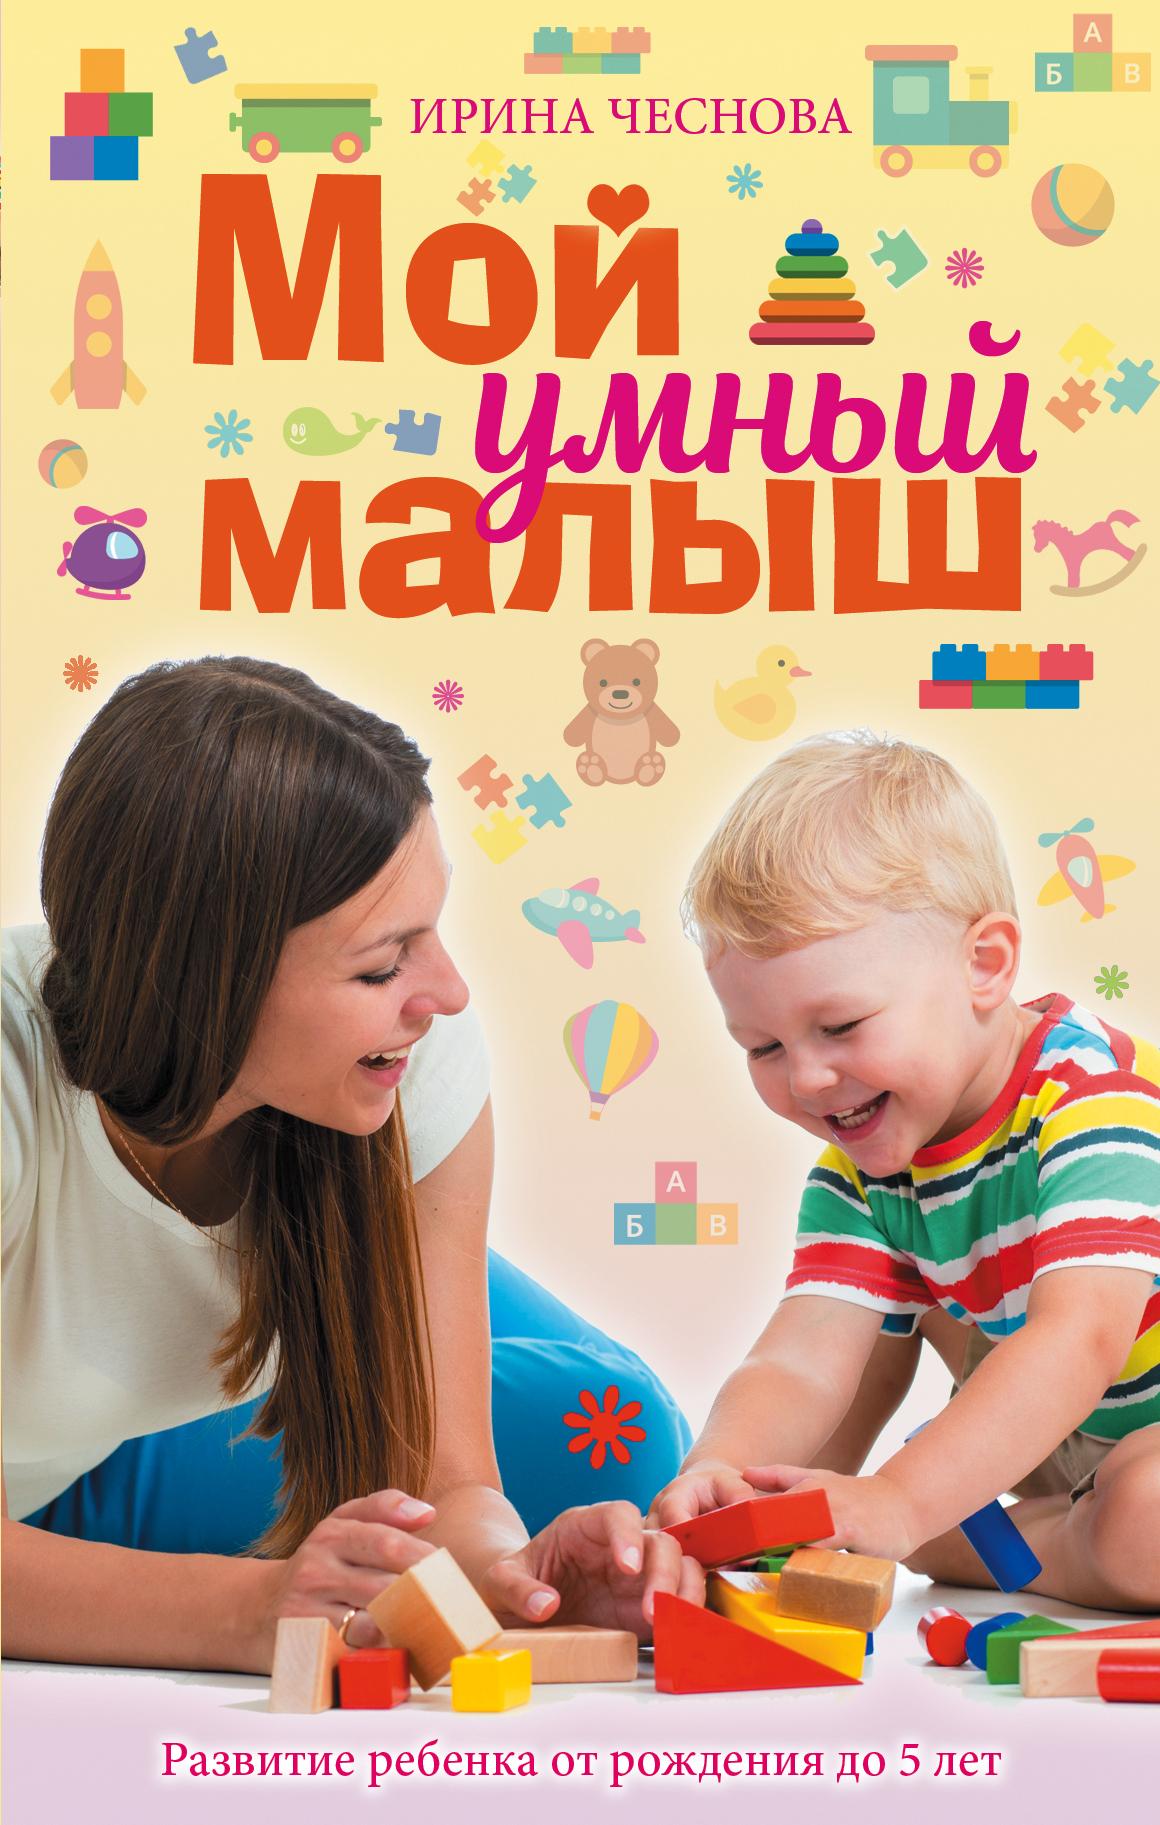 Мой умный малыш ( Чеснова Ирина Евгеньевна  )